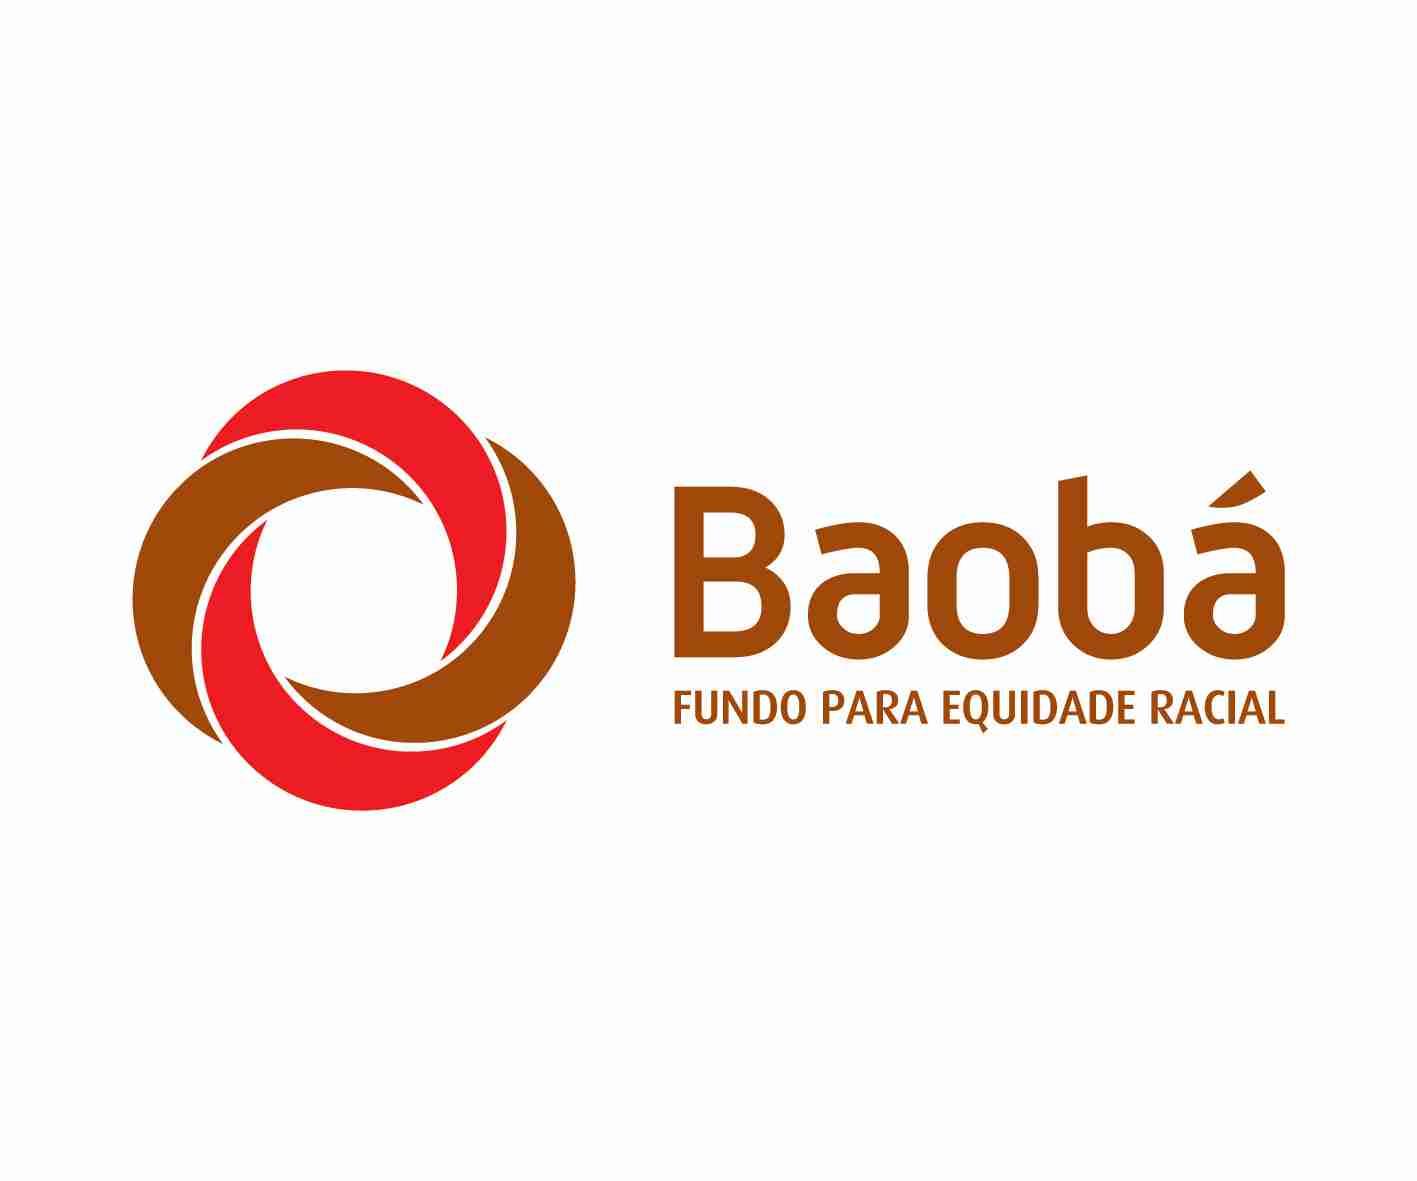 Fundo Baobá para Equidade Racial